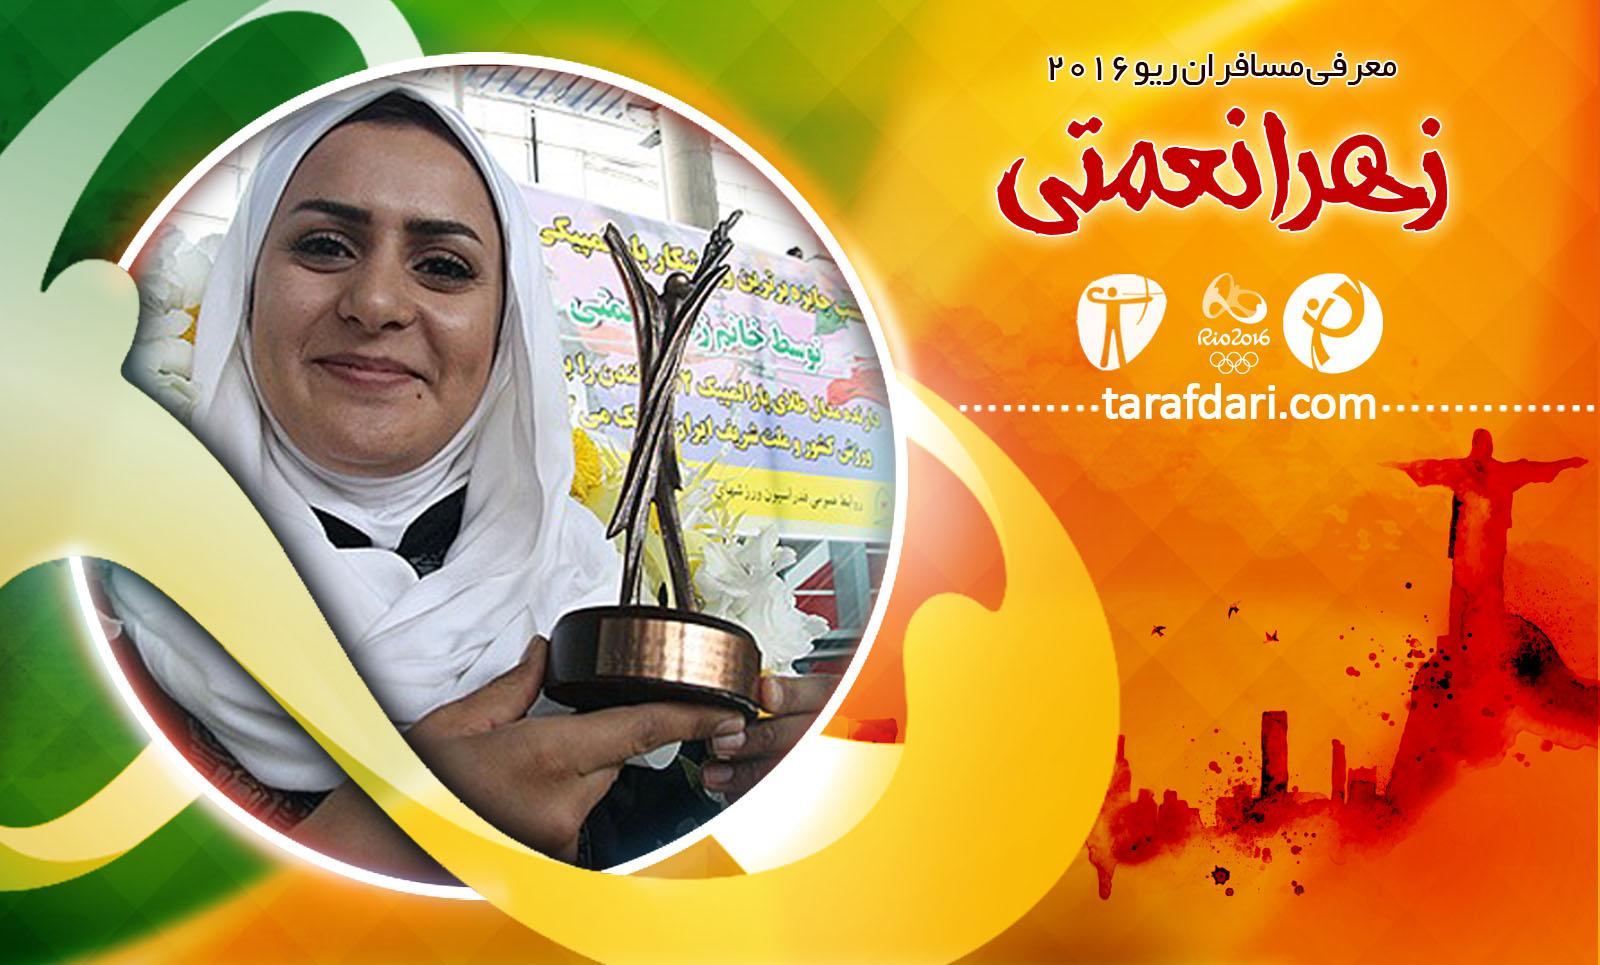 معرفی ستارگان ایران در المپیک ریو 2016؛ قسمت هفتم: زهرا نعمتی؛ بانویی که هرگز تسلیم نشد